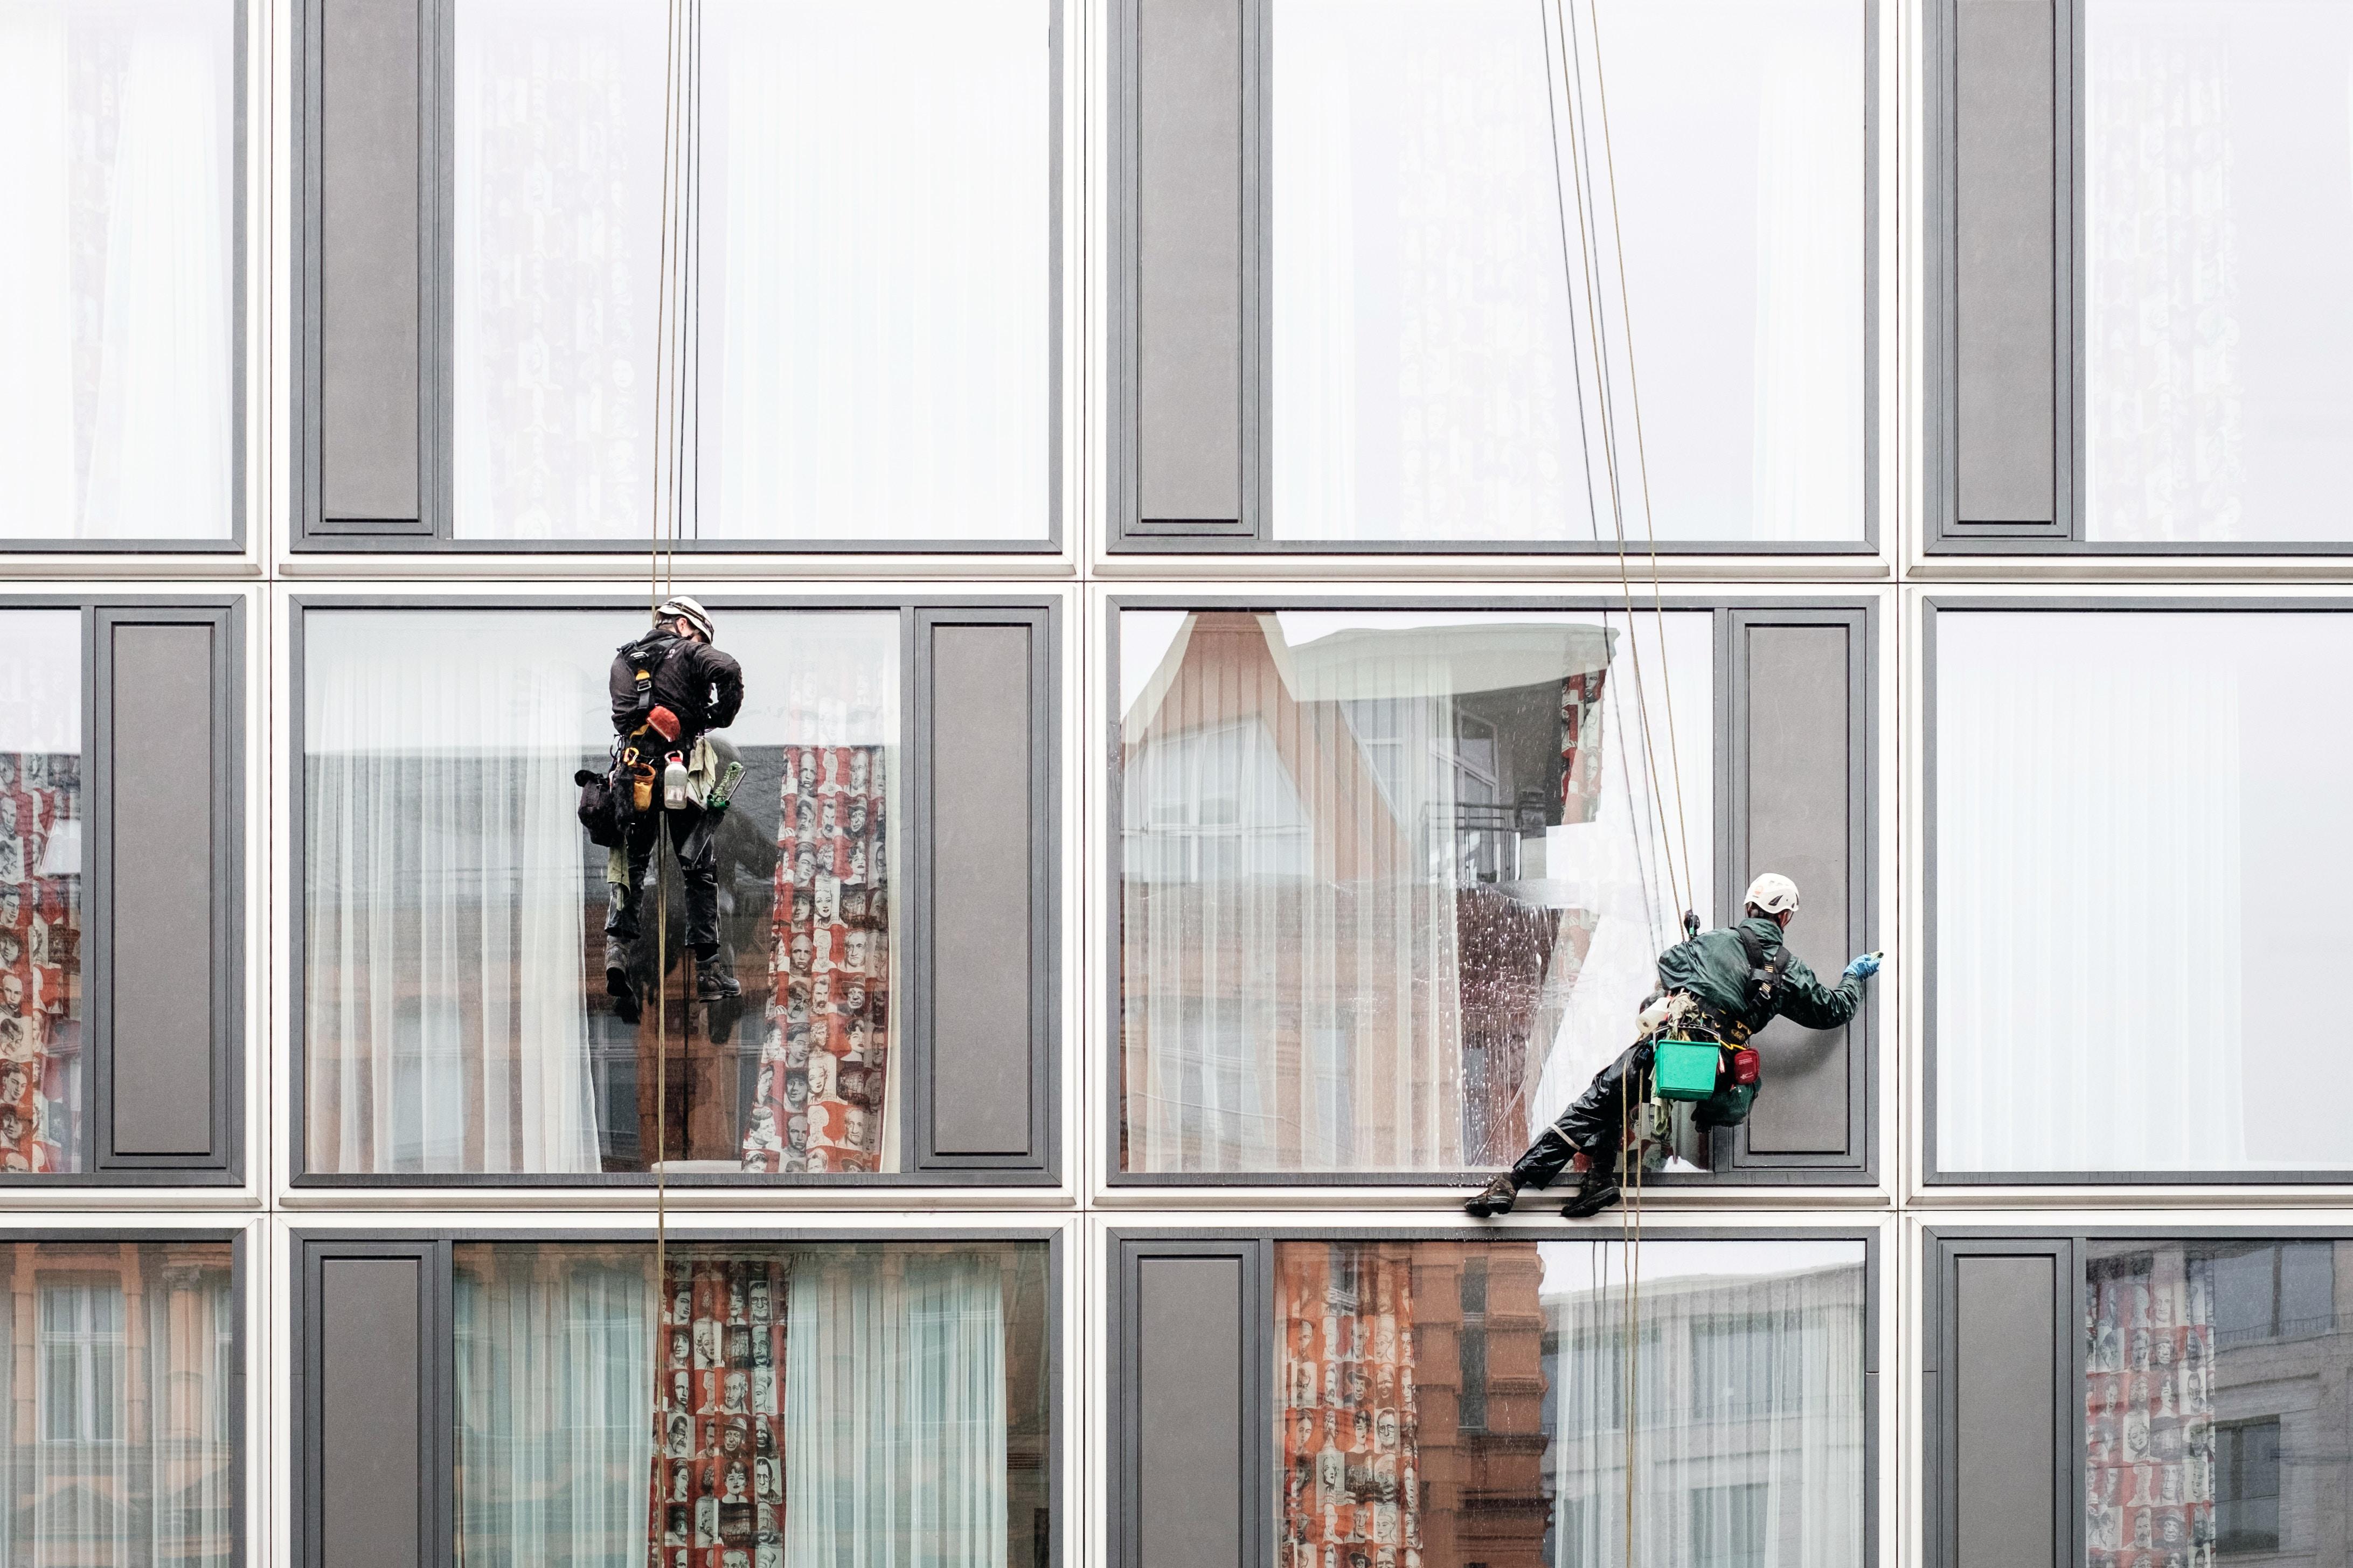 Homens limpando vidros